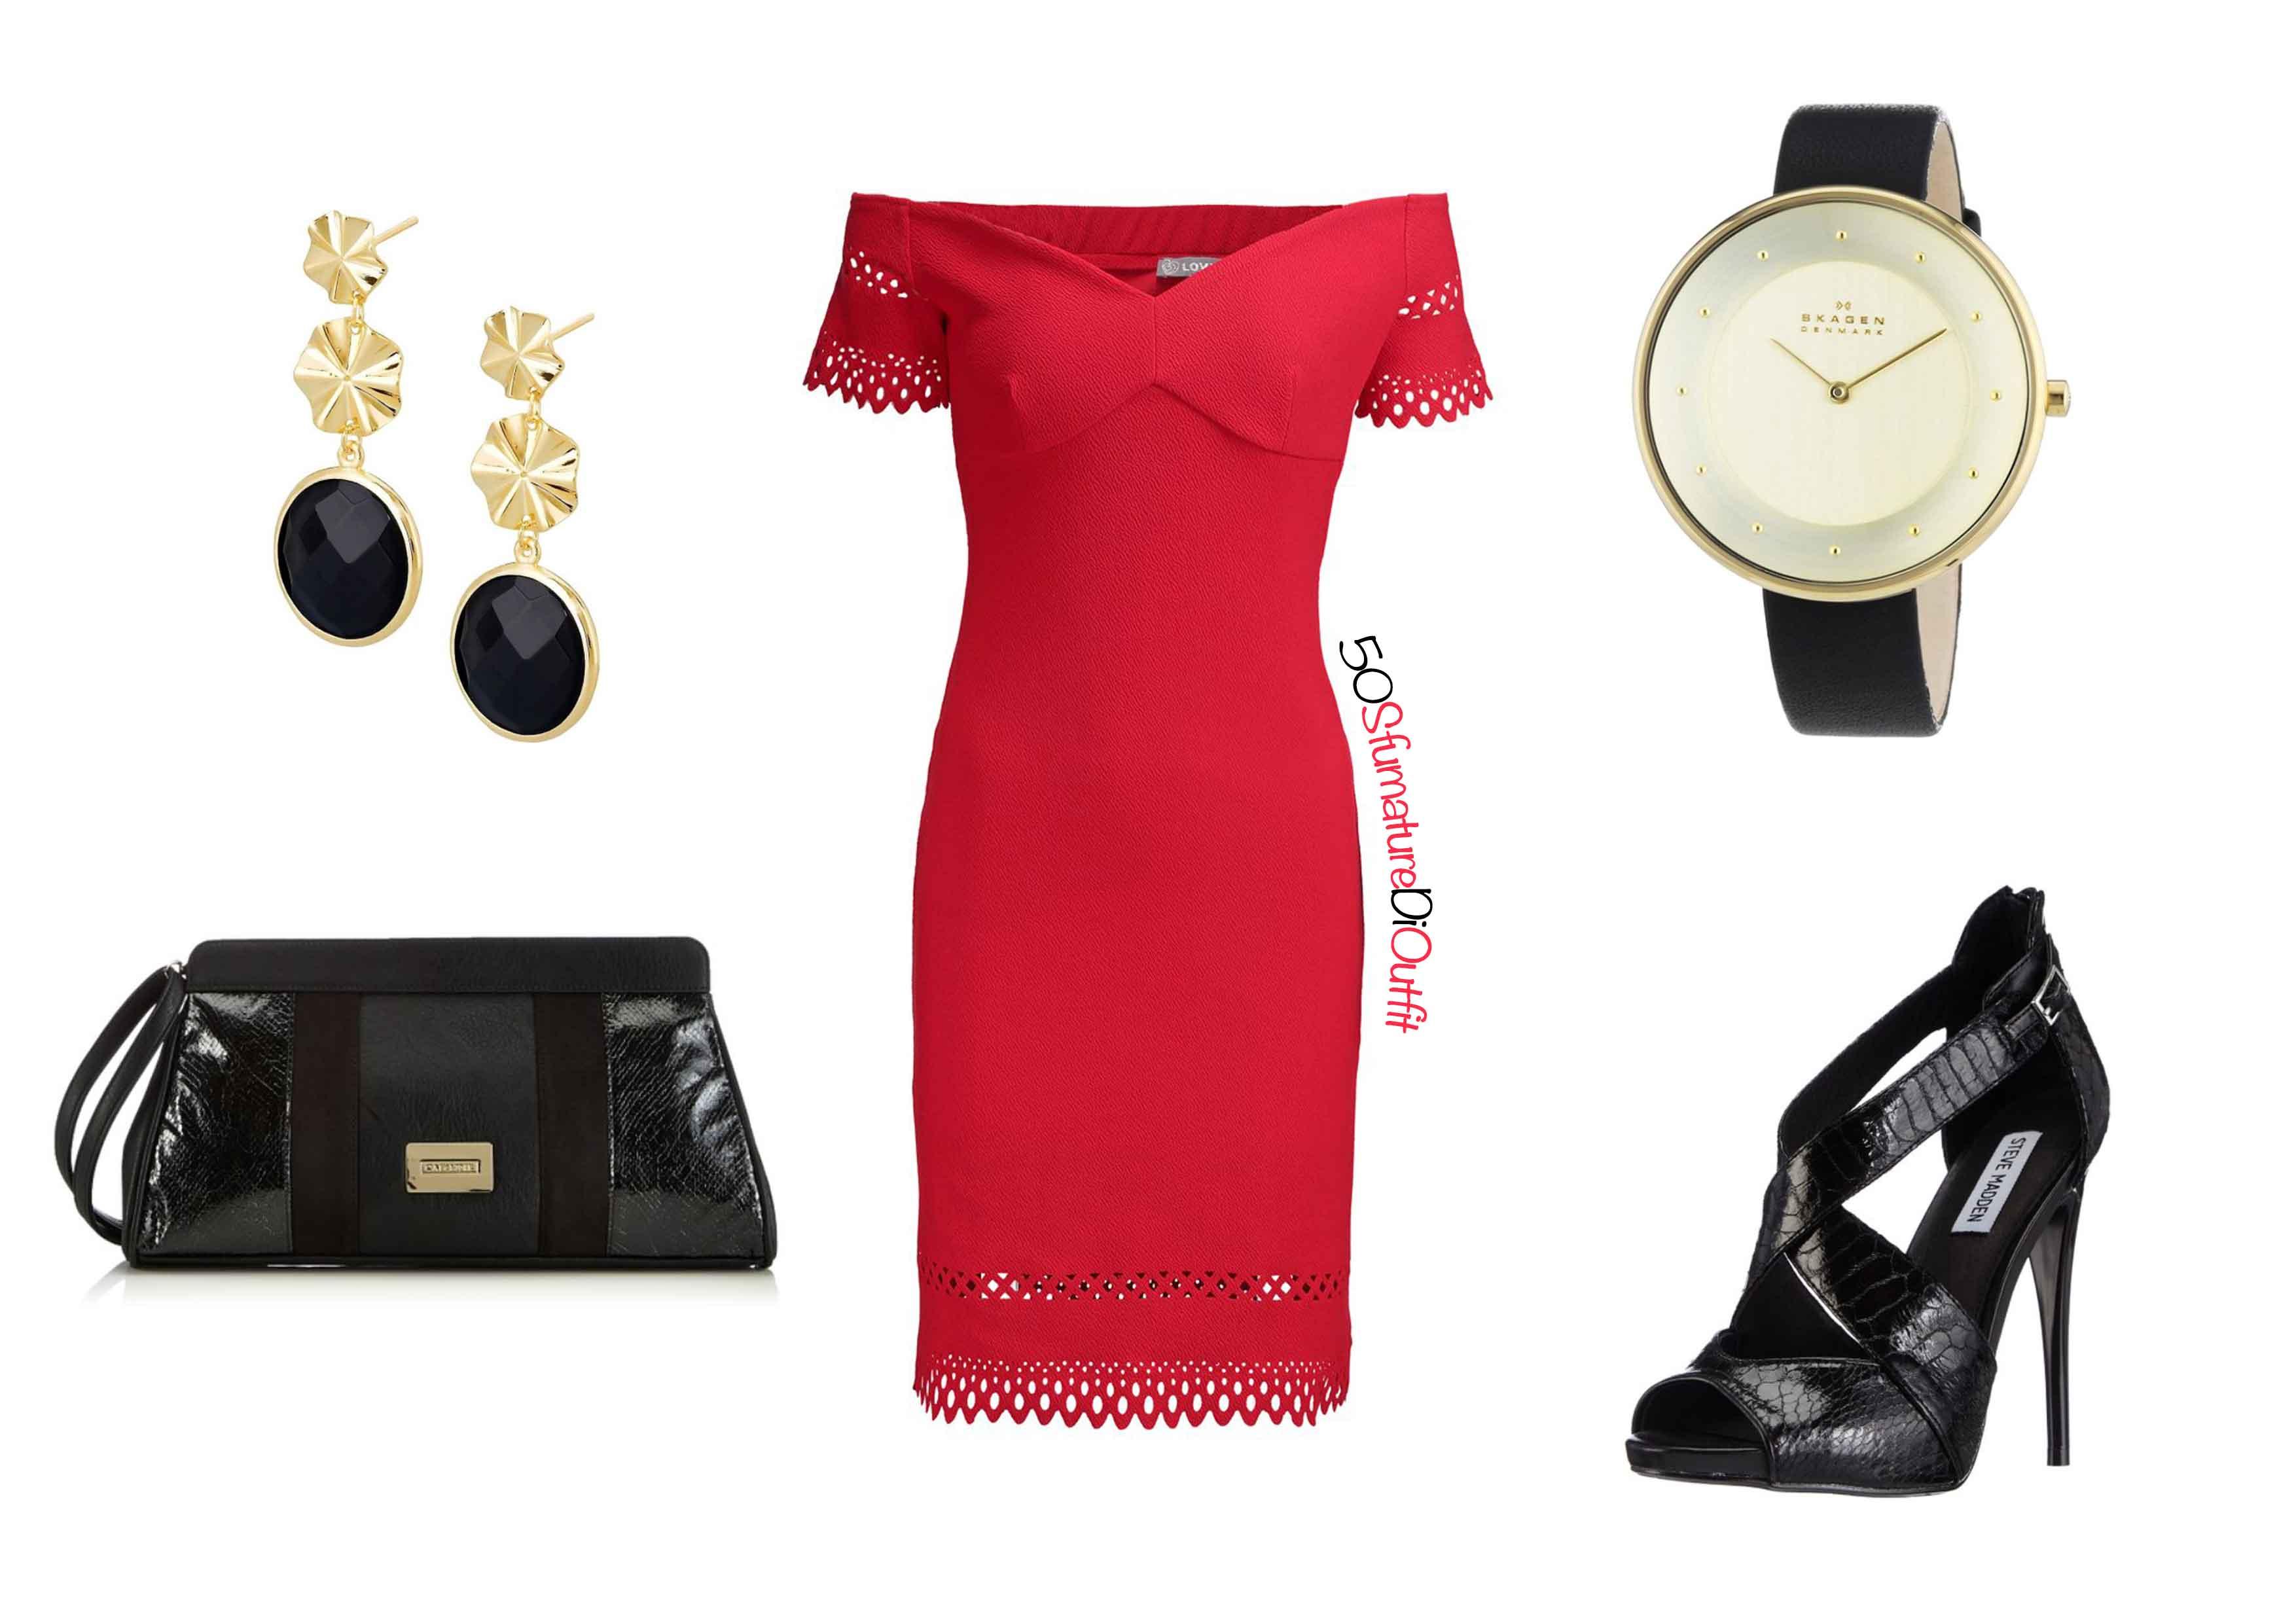 Matrimonio A Natale Come Vestirsi : Come vestirsi a natale la guida ufficiale per evitare di